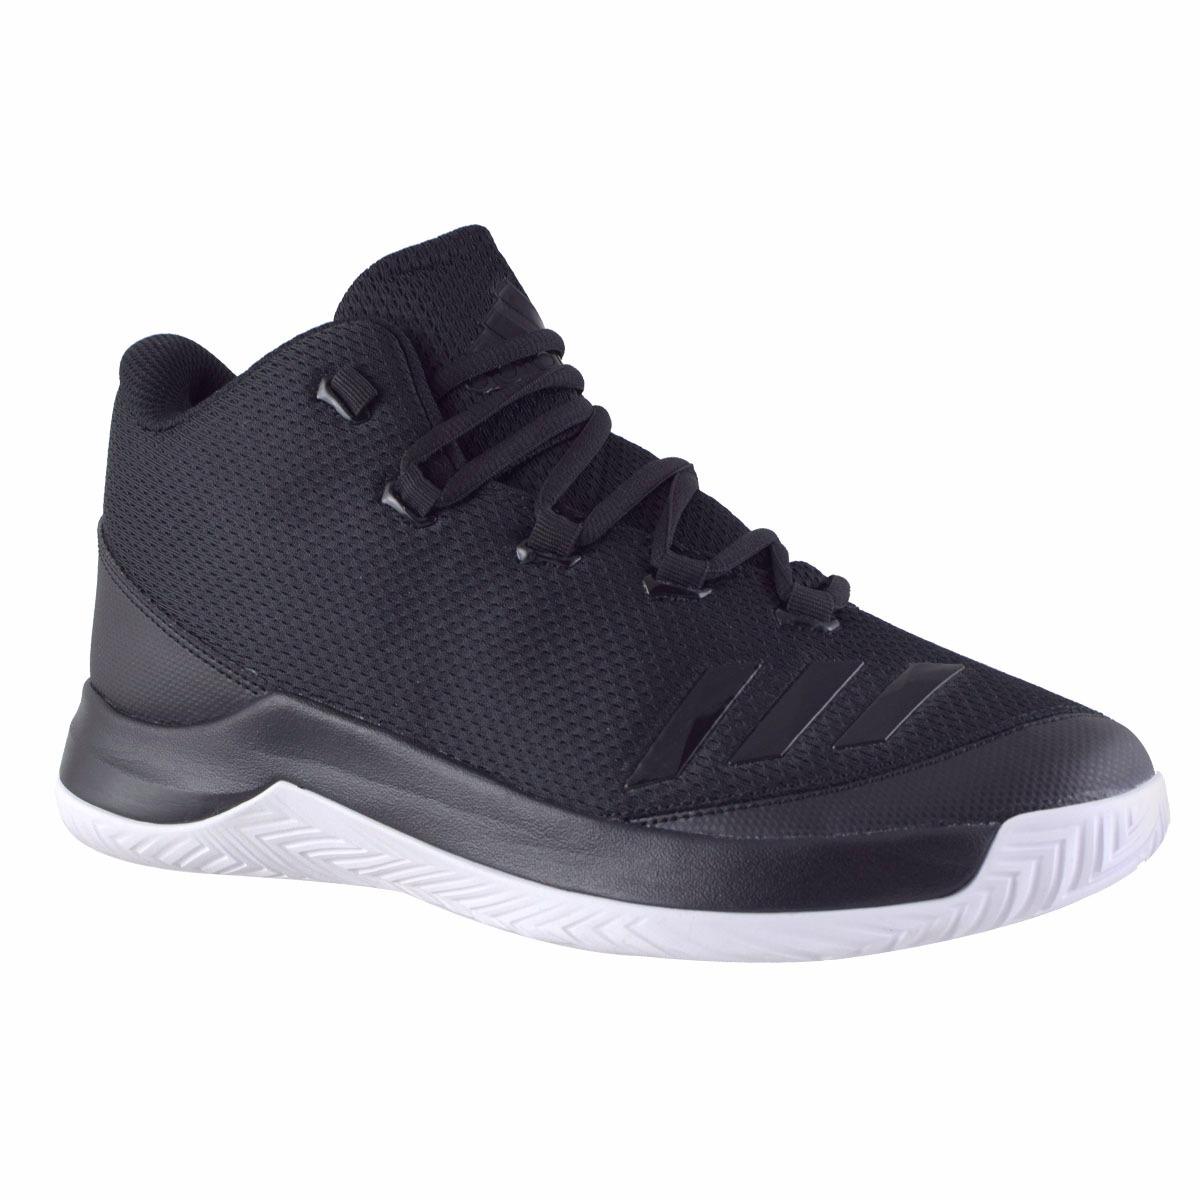 Zapatillas adidas Outrival 2018 en Hombre Negro  1.8, en 2018 Mercado d2f25e